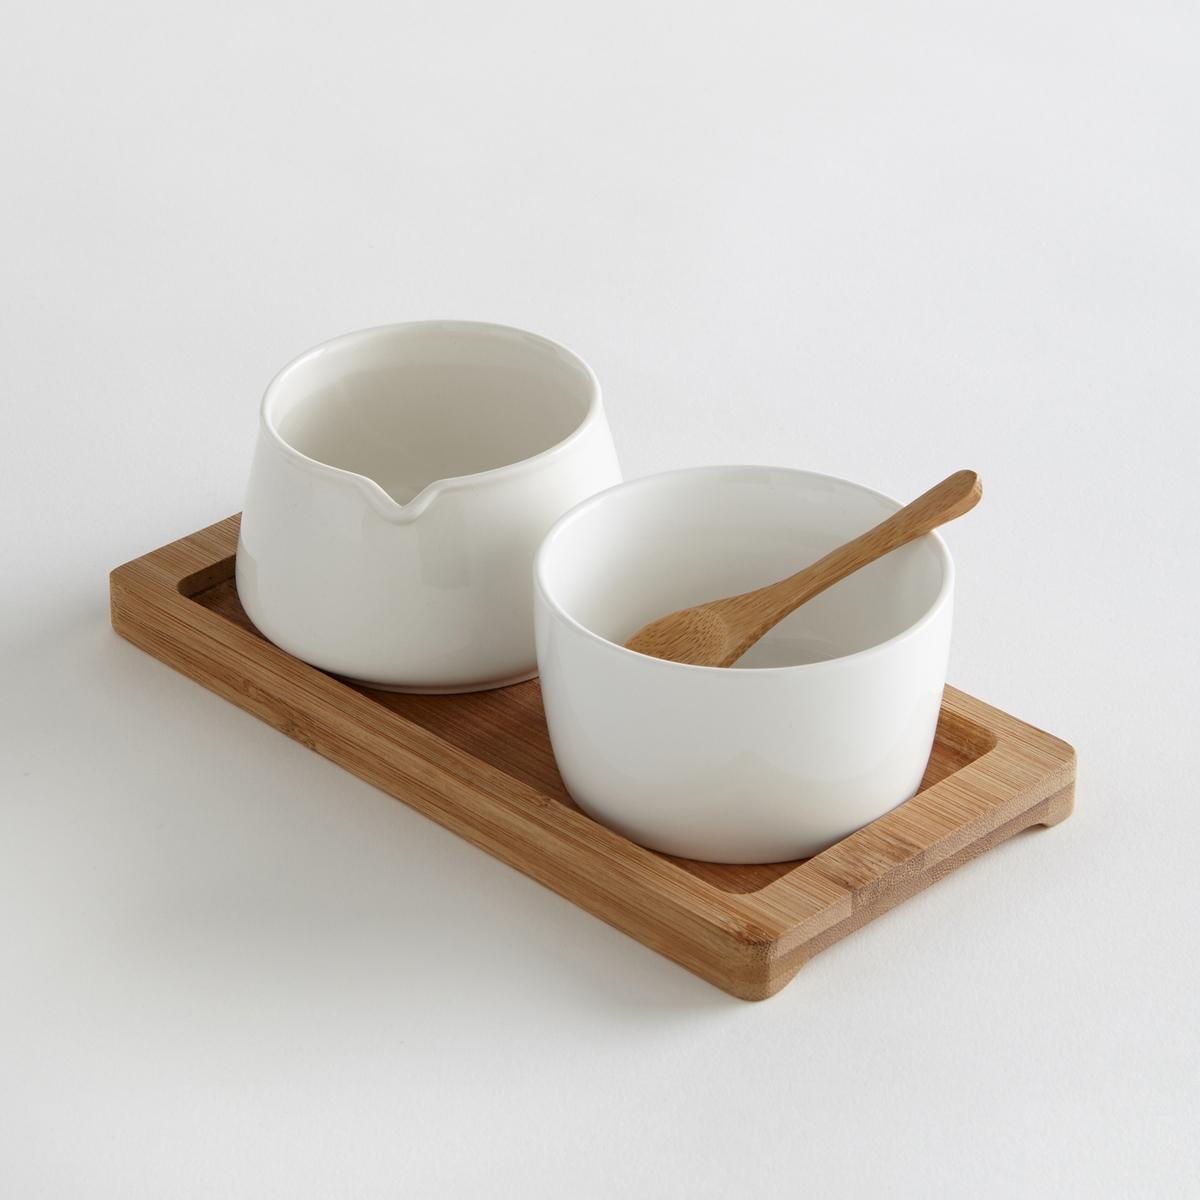 Молочник и сахарница из керамикиКомплект из молочника и сахарницы на подносе La redoute Int?rieurs. Совершенный дизайн благодаря сочетанию бамбука и керамики. Половник и прямоугольный поднос с небольшим бортом из бамбука. Характеристики молочника и сахарницы:- Молочник и сахарница из керамики- Поднос и половник из бамбука- Размеры: Д 20,5 x Ш 10,5 см - Высота: 6,5 см - Молочник и сахарница, подходят для мытья в посудомоечной машине- Мытье подноса из бамбука в посудомоечной машине запрещено.<br><br>Цвет: белый<br>Размер: единый размер